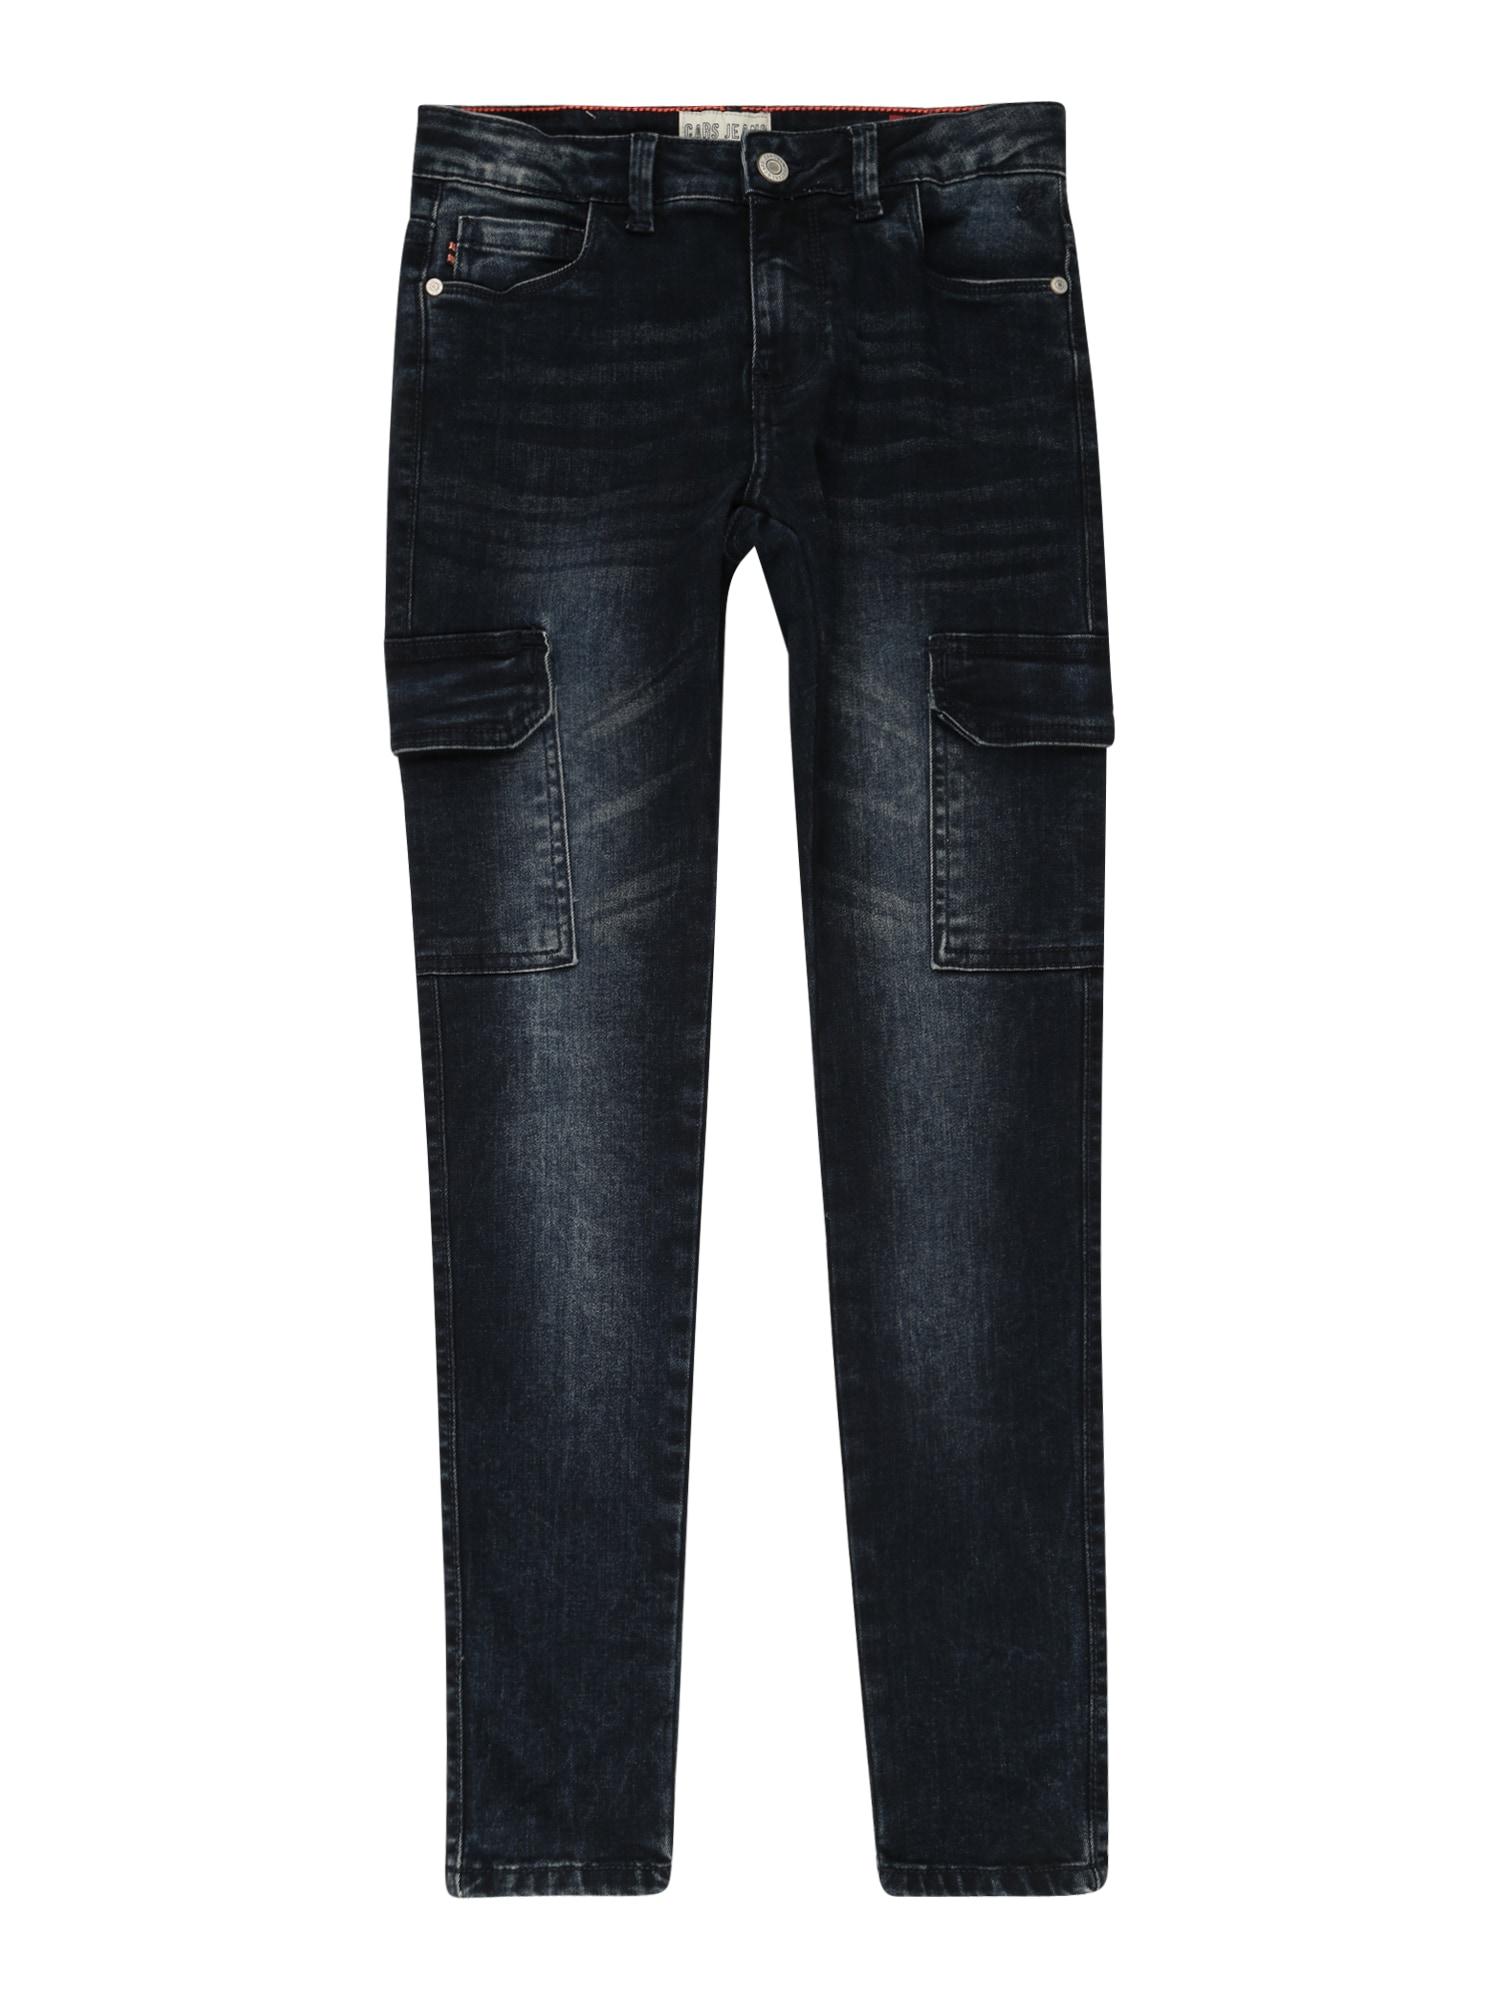 Cars Jeans Džinsai 'Revi' tamsiai mėlyna